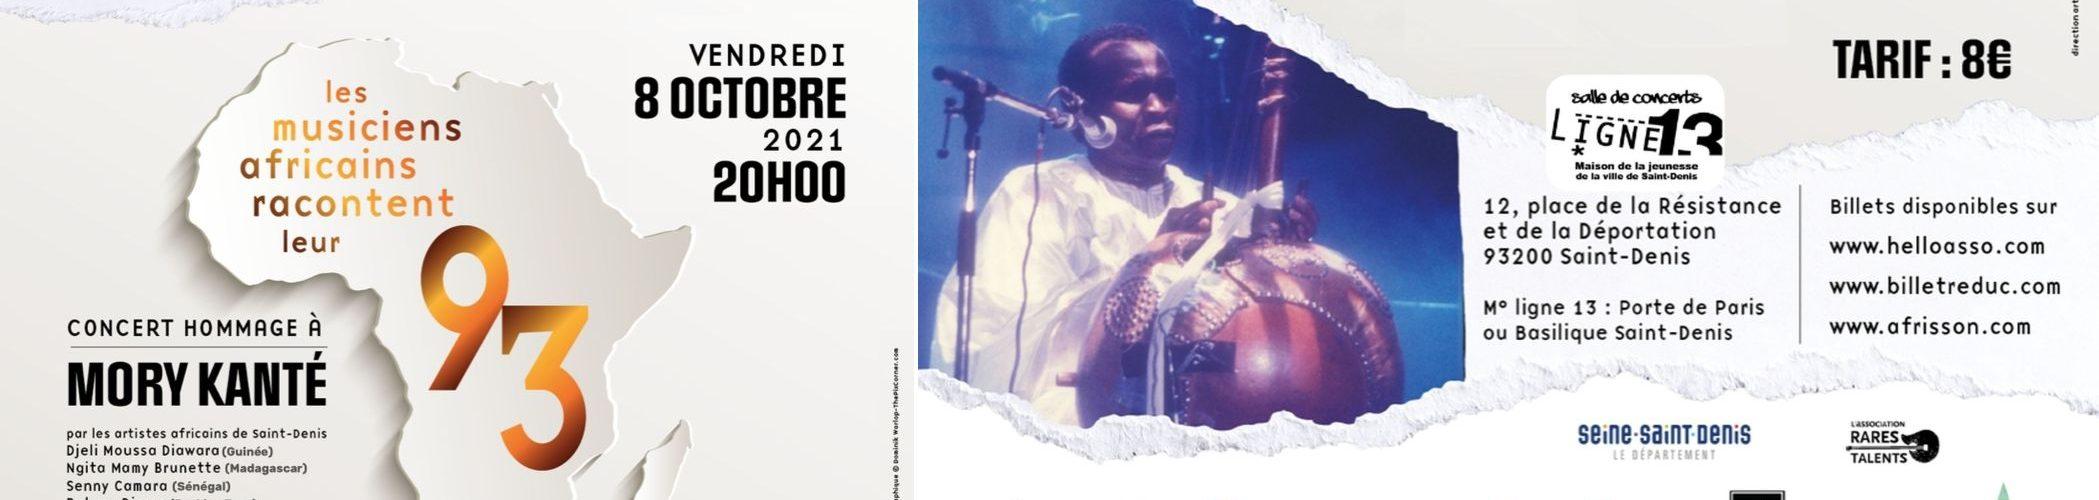 Bandeau concert Mory Kanté 8 octobre 2021